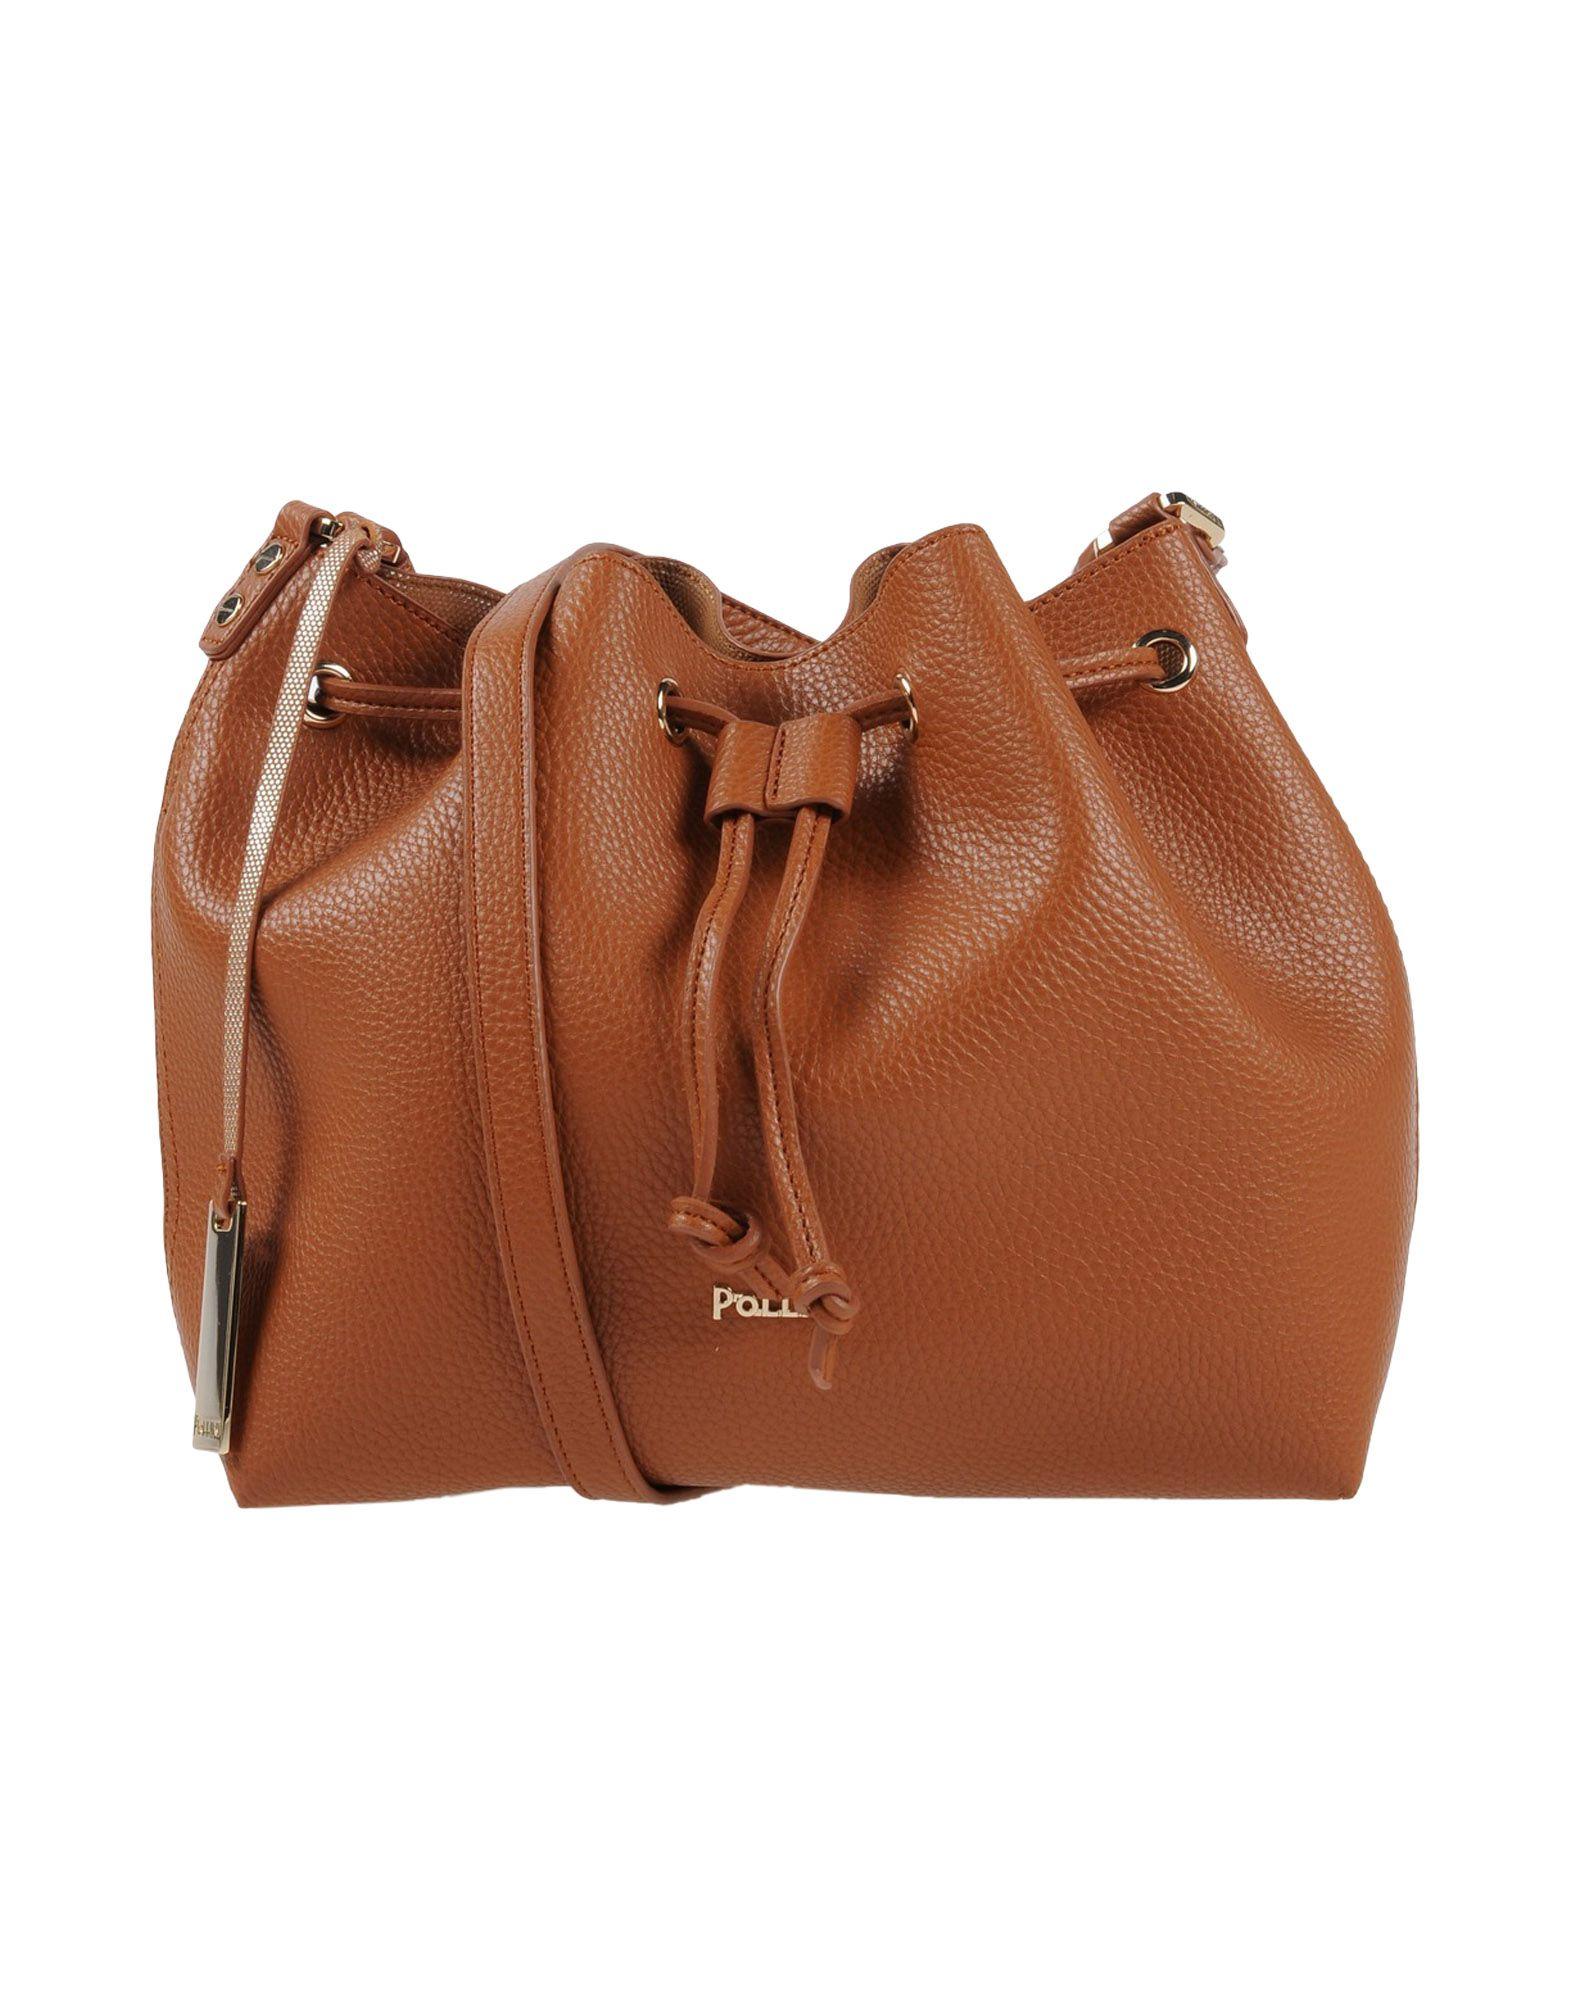 POLLINI Сумка через плечо сумка через плечо anais gvani croco ag 1471 350161